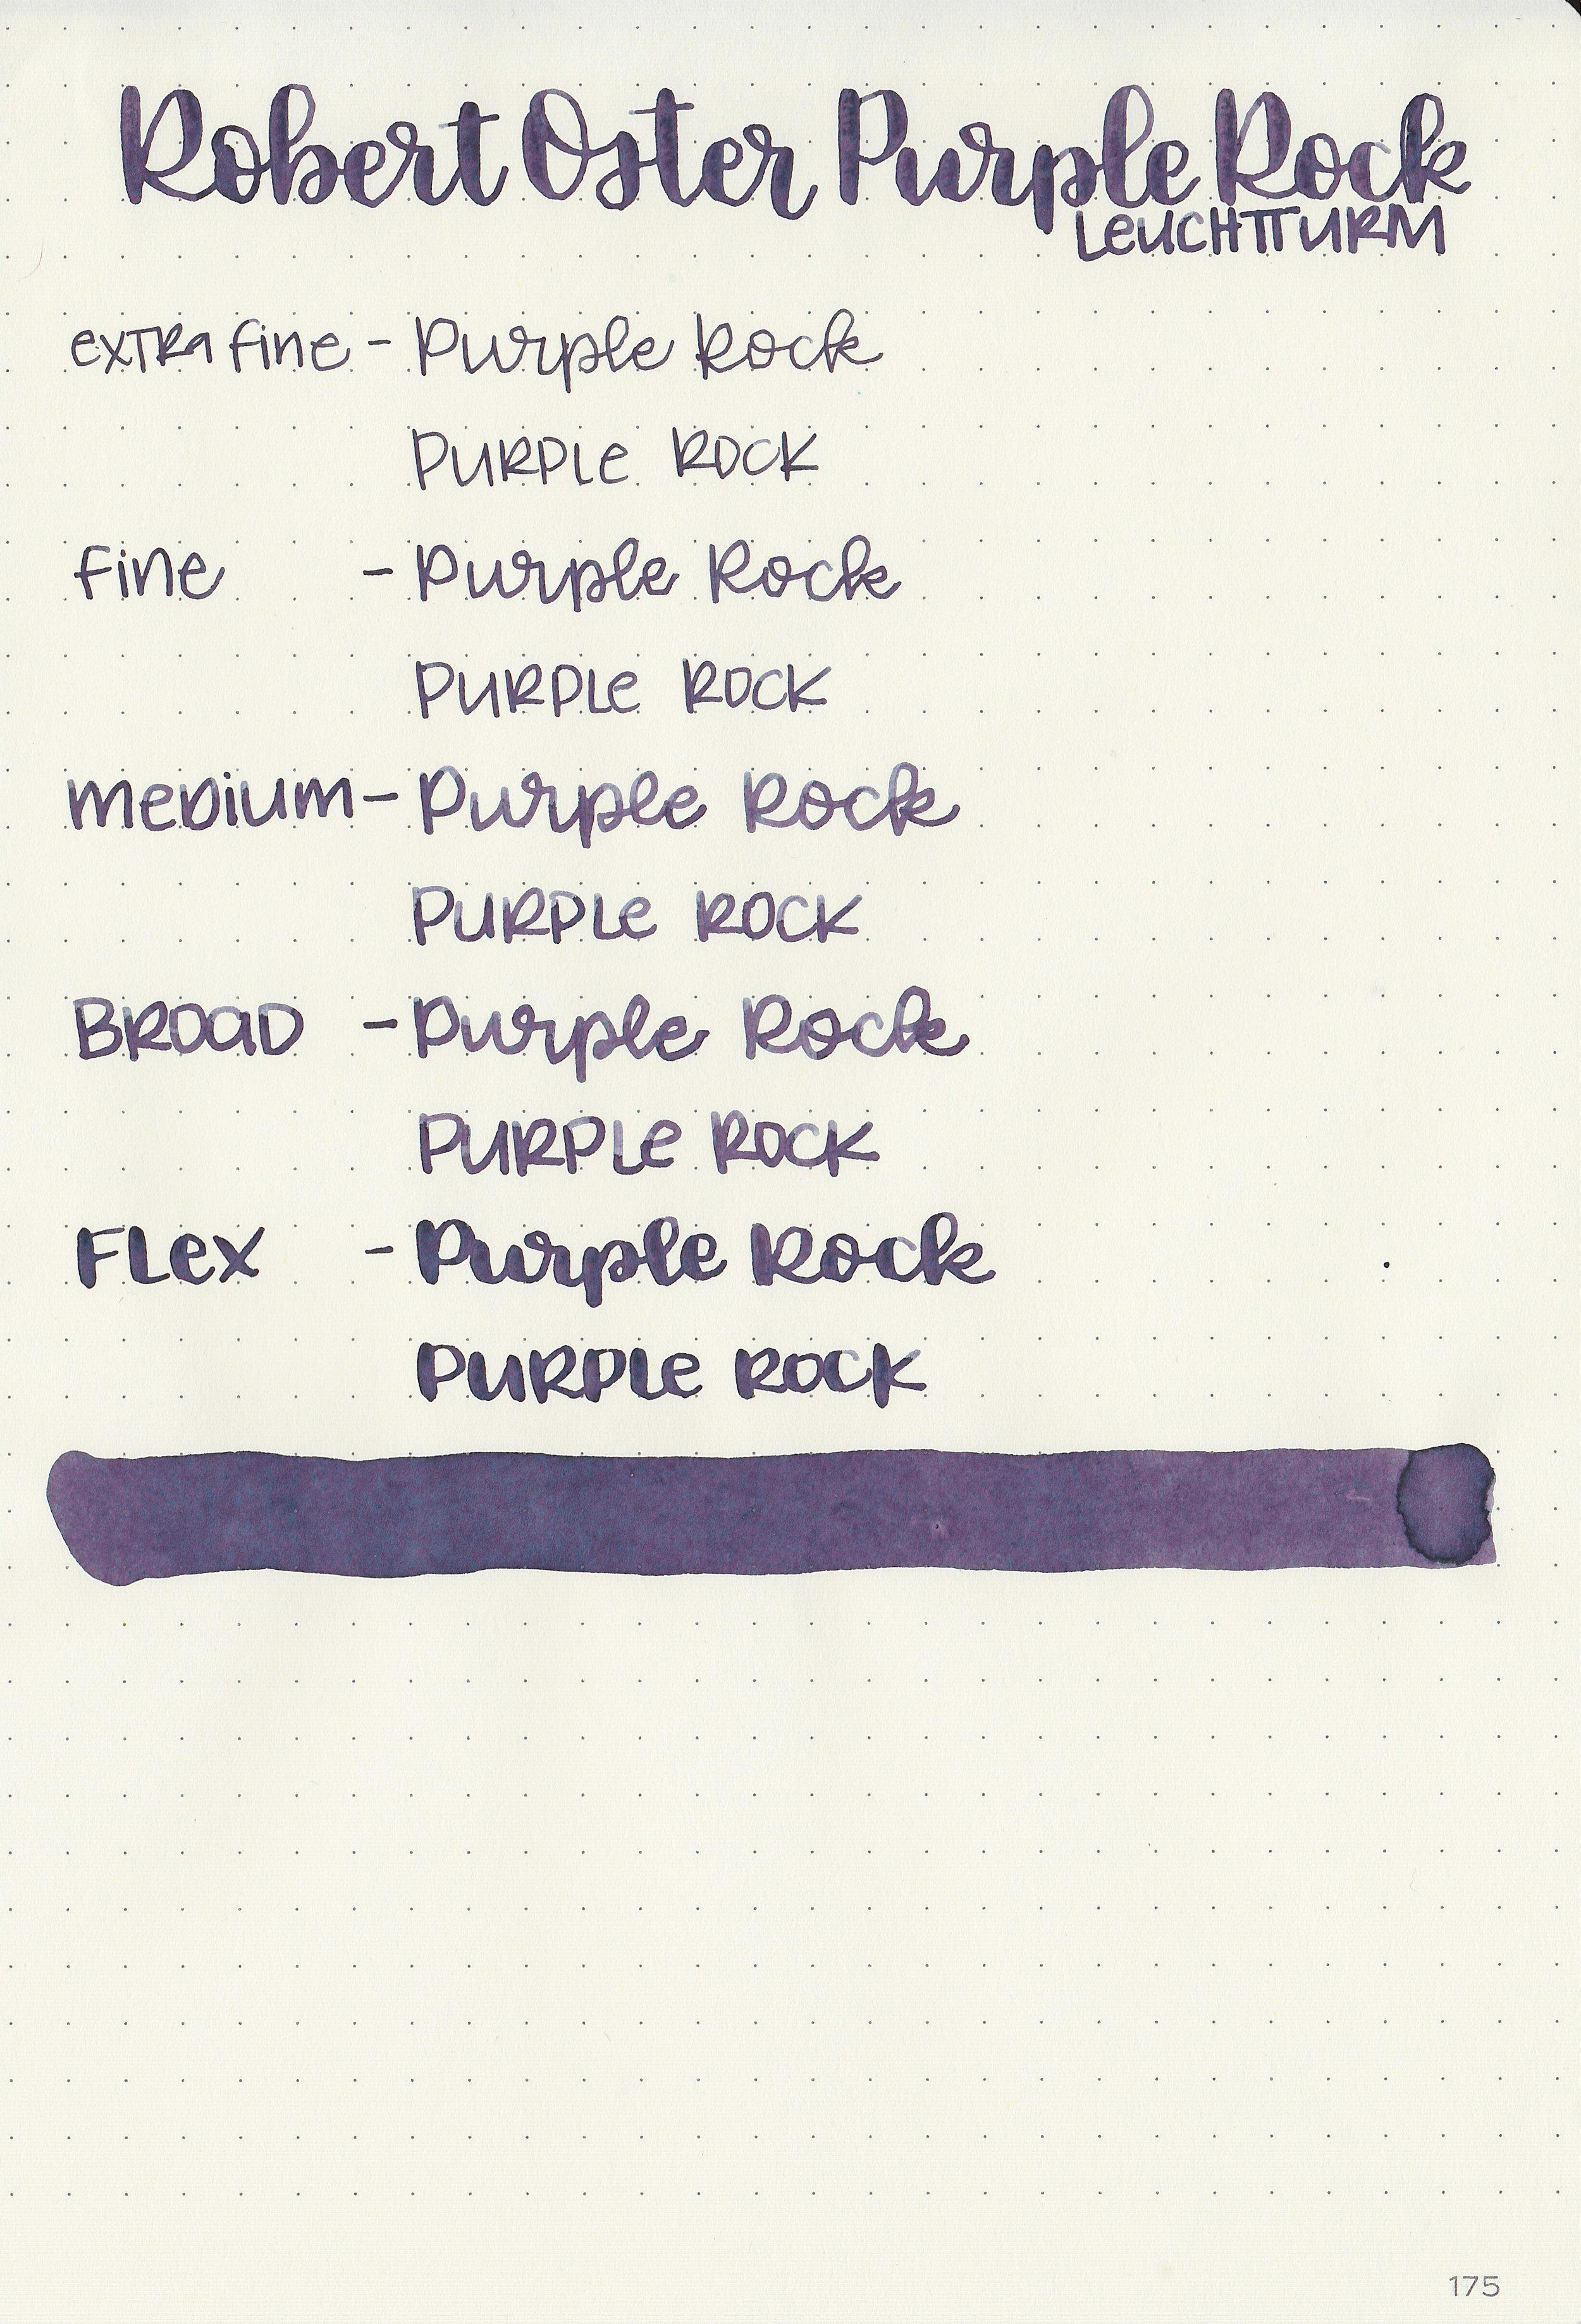 ro-purple-rock-9.jpg